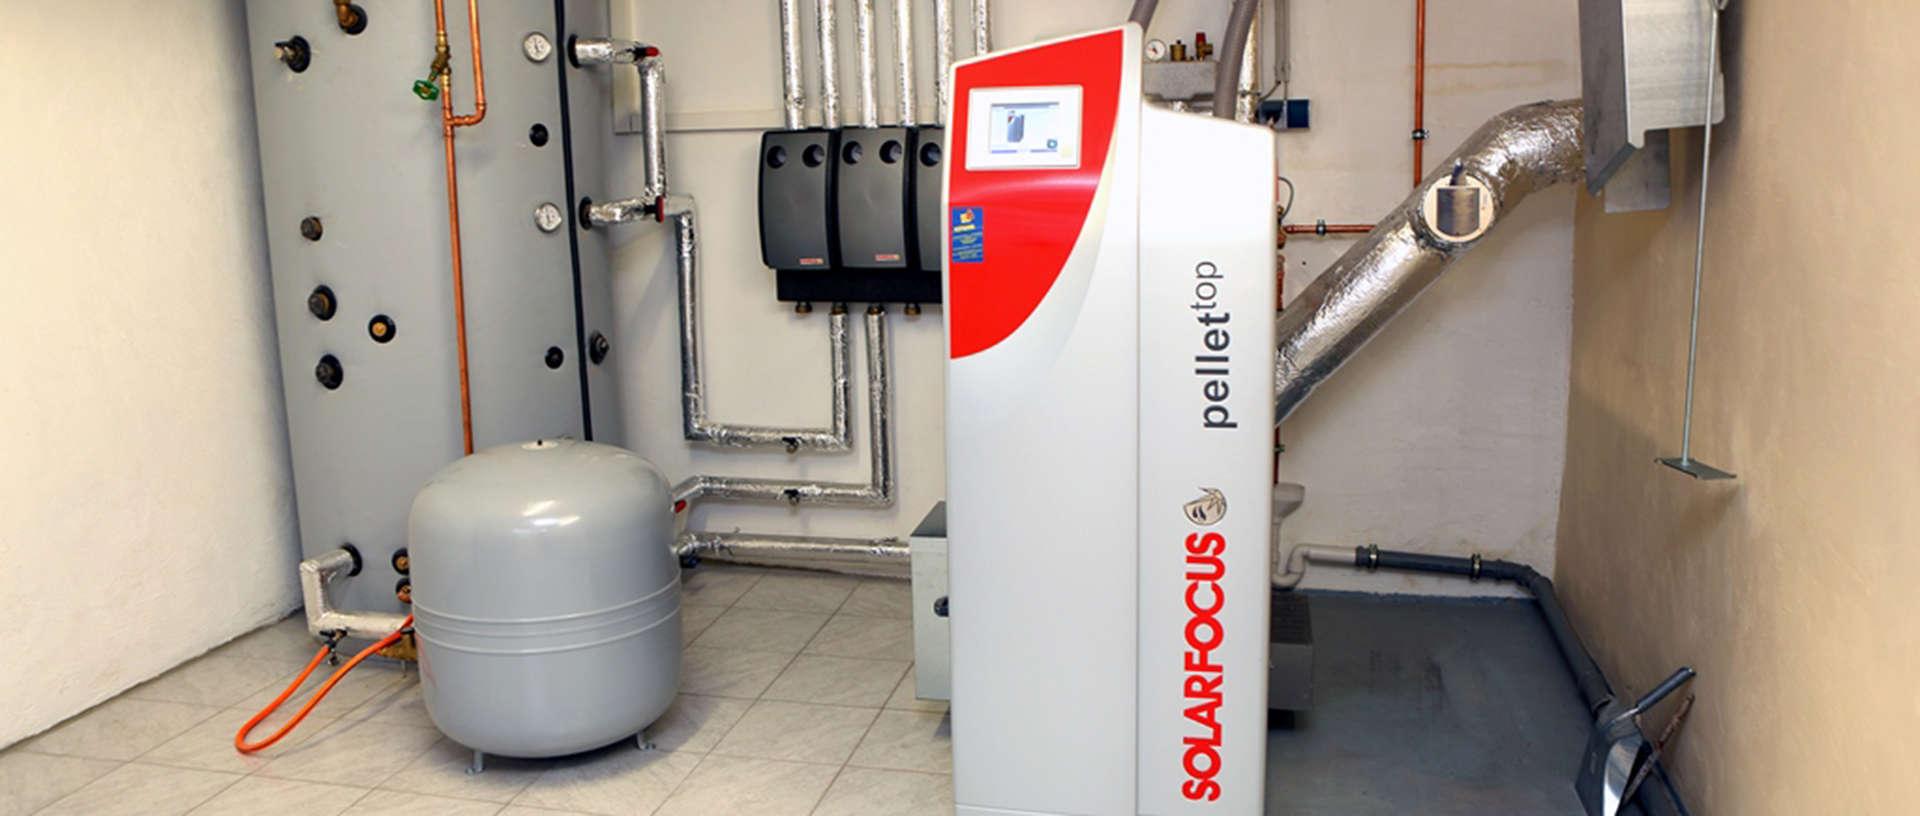 Wood pellet central heating boiler